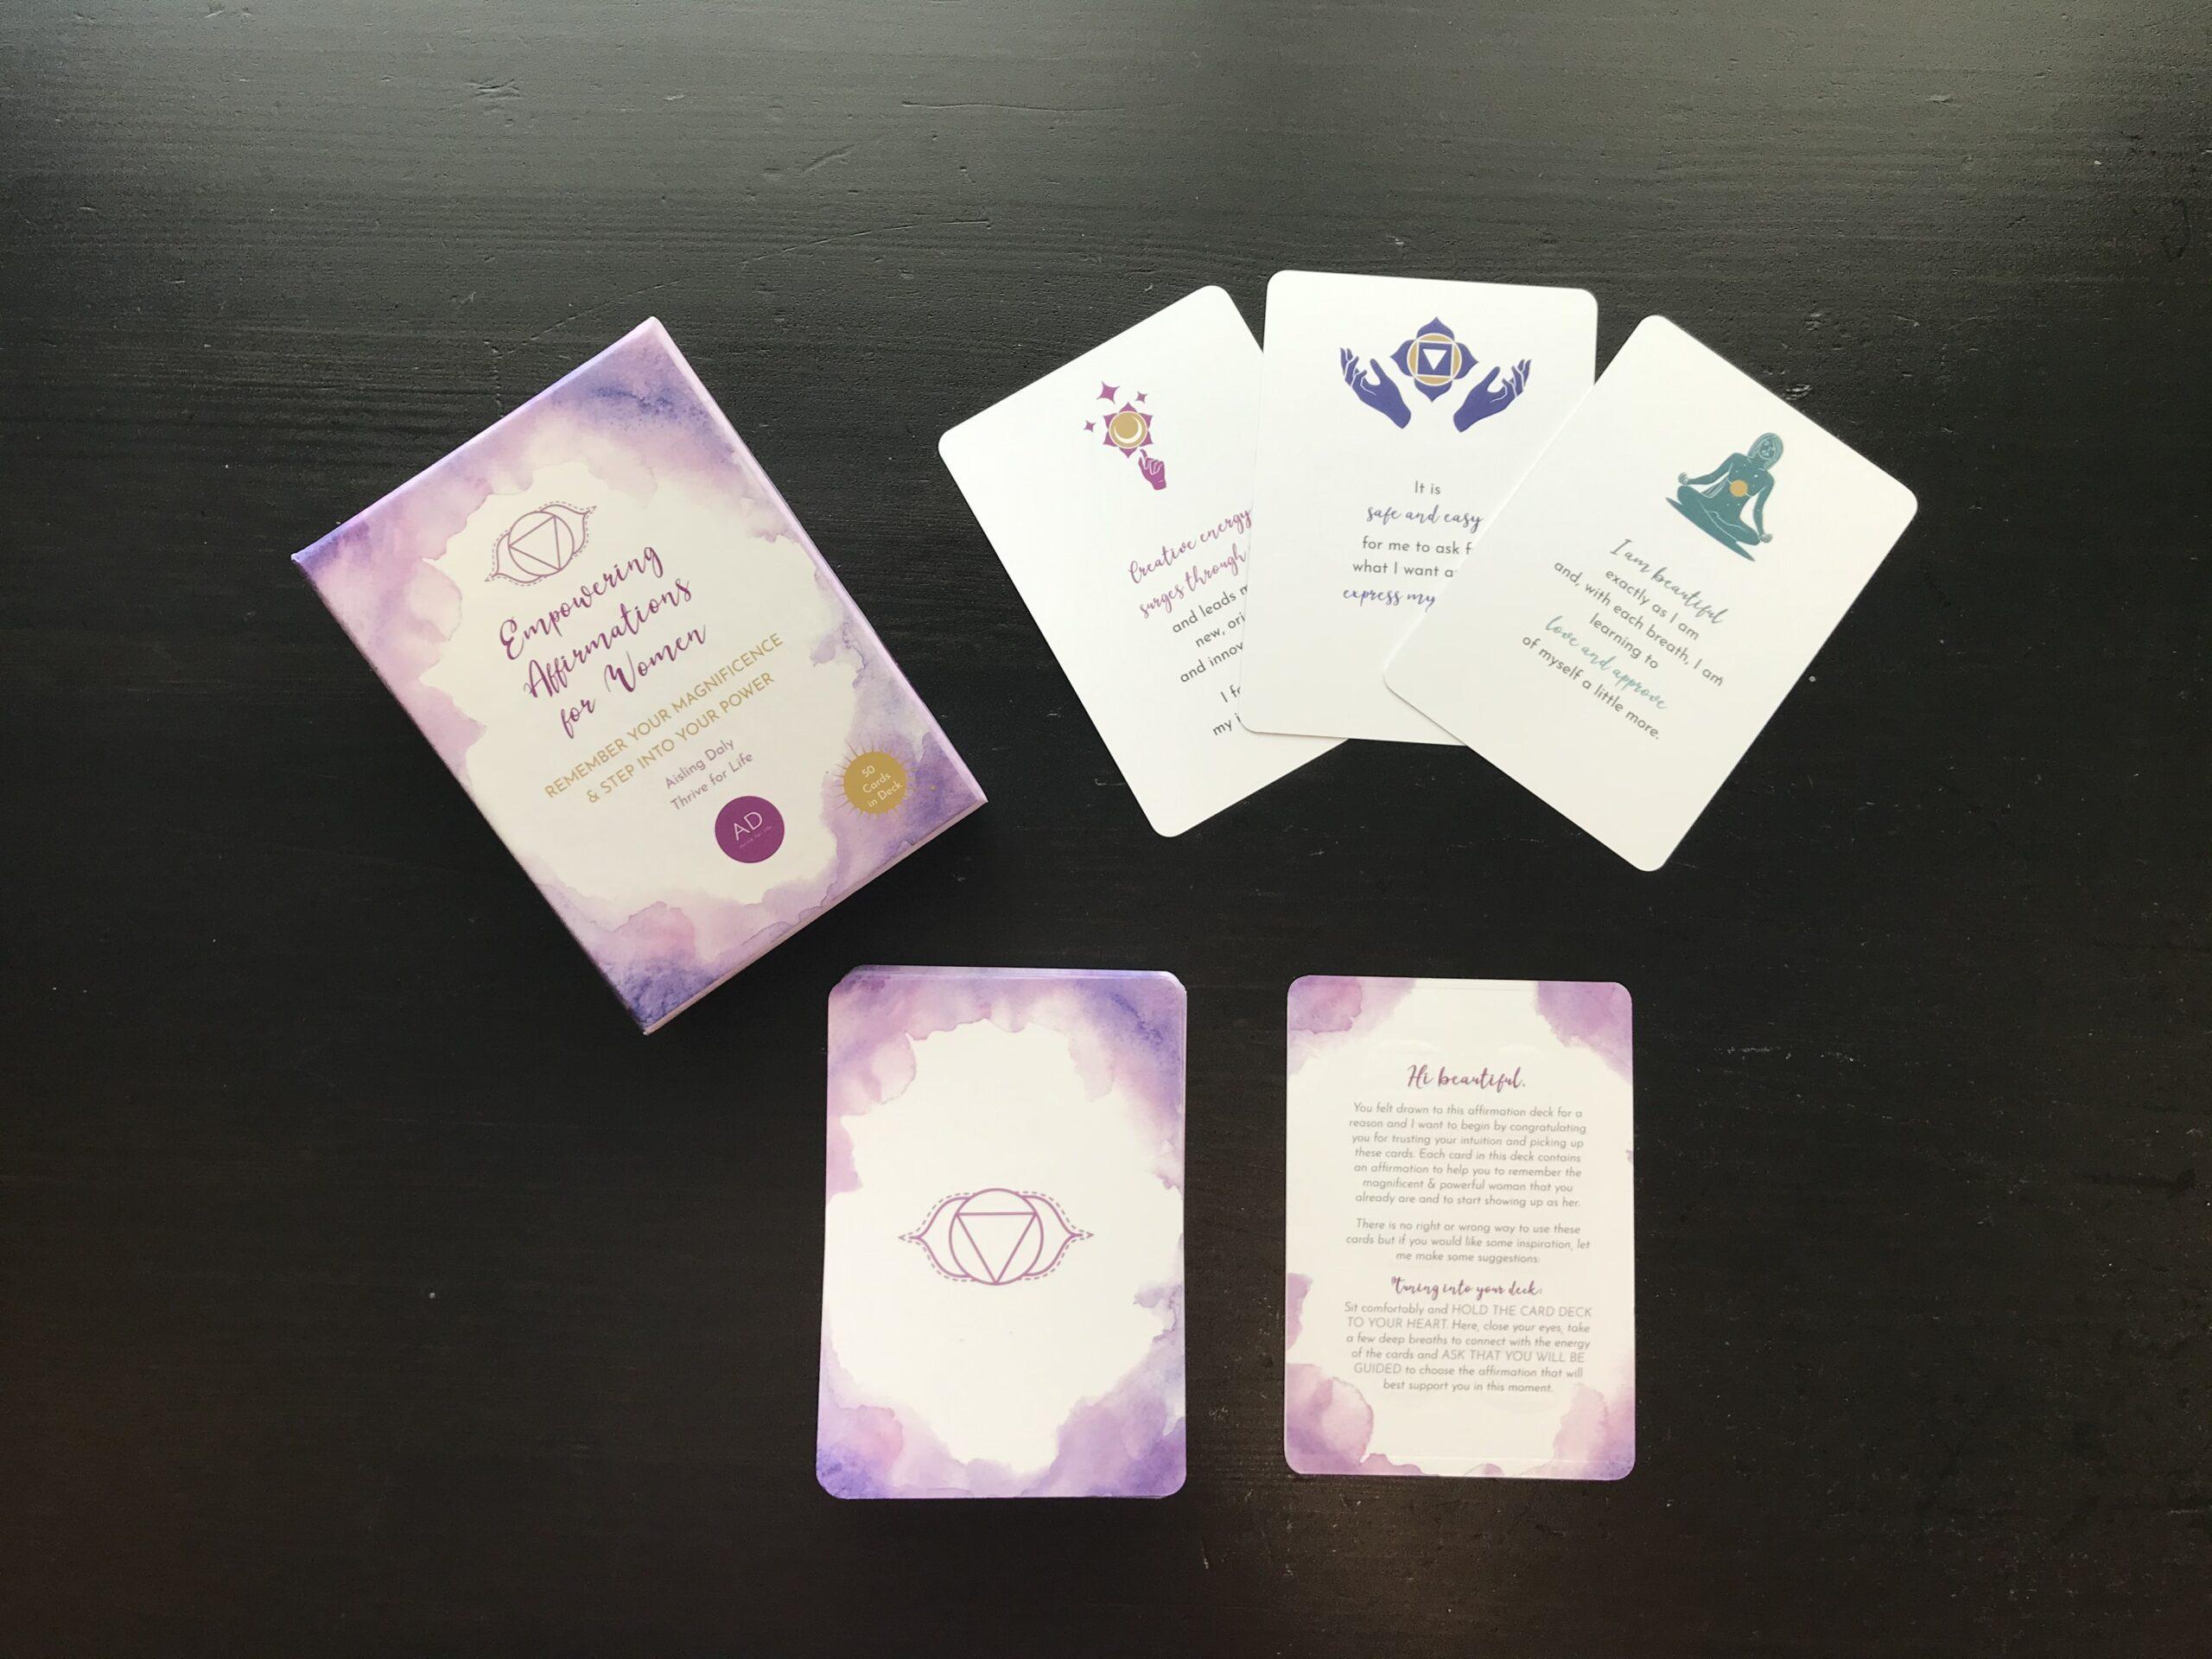 Affirmation cards design_5